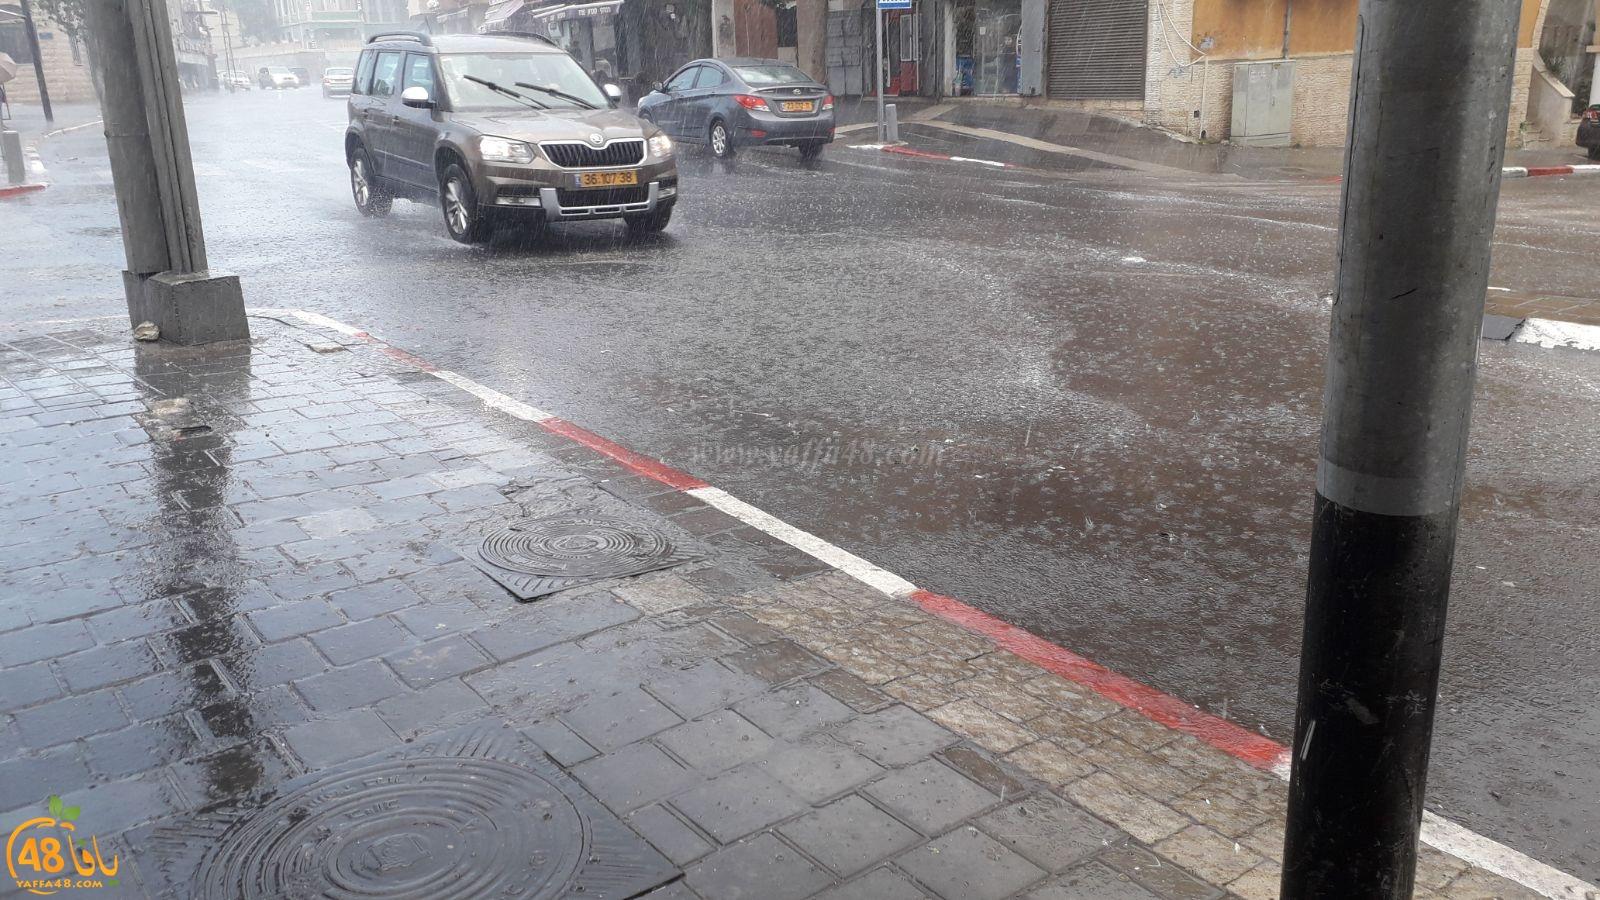 بالفيديو: أمطار غزيرة تهطل على مدينة يافا صباح اليوم